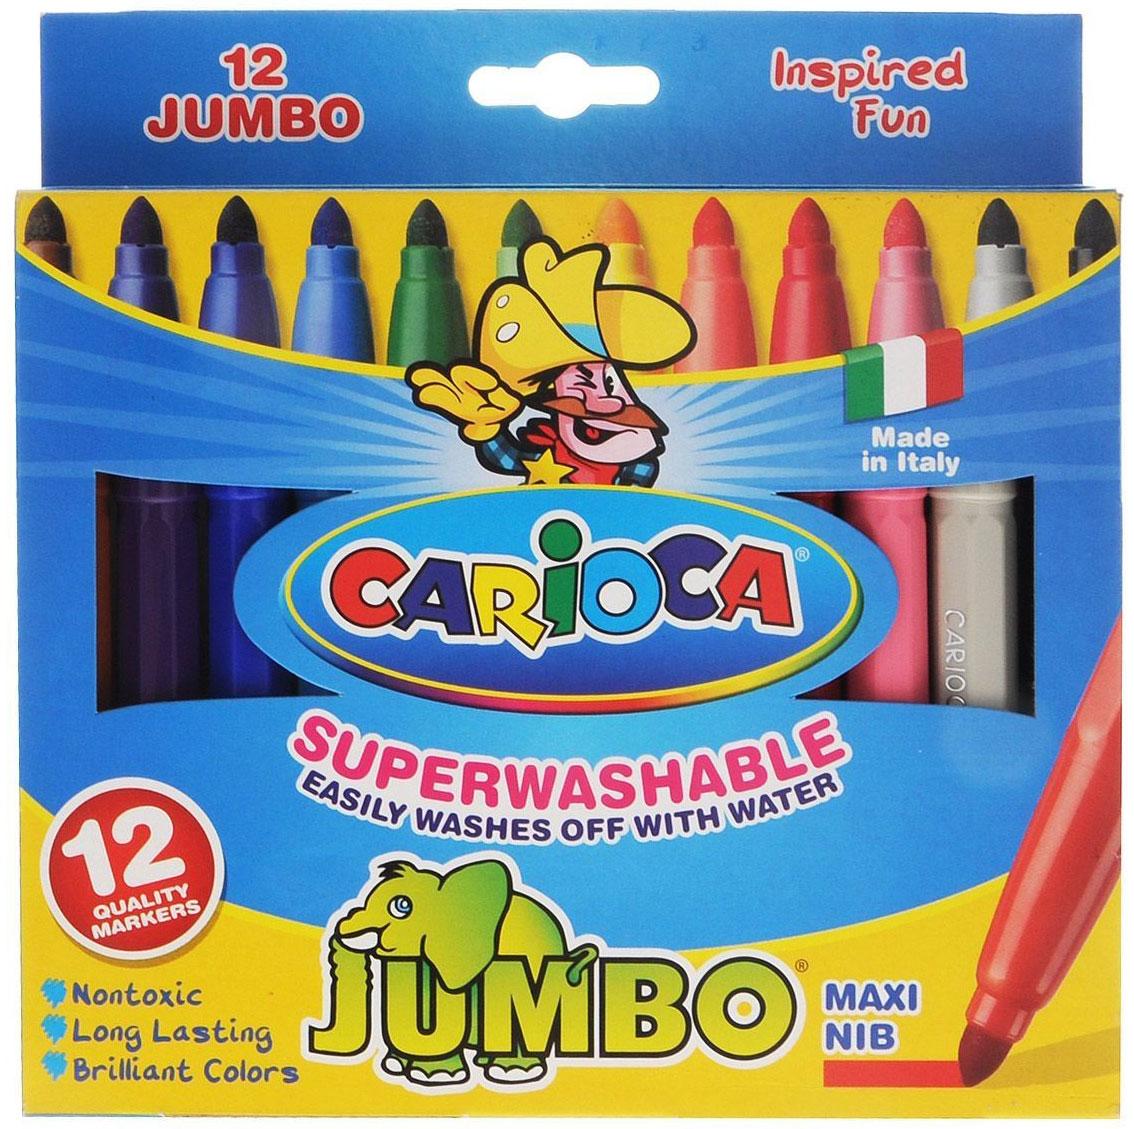 Набор фломастеров Carioca Jumbo, 12 цветов40569/12Фломастеры Carioca Jumbo, непременно, понравятся вашему юному художнику.Набор включает в себя 6 ярких цветных фломастеров в удобном утолщенном корпусе с чернилами на водной основе и безопасными вентилируемыми колпачками. Такие фломастеры идеально подходят для малышей.Порадуйте своего ребенка таким замечательным подарком! Характеристики:Длина фломастера: 14 см.Диаметр фломастера: 1,2 см.Диаметр наконечника: 0,4 см. Размер упаковки: 17,5 см х 15 см х 1,5 см.Уважаемые клиенты! Обращаем ваше внимание на то, что упаковка может иметь несколько видов дизайна. Поставка осуществляется в зависимости от наличия на складе.